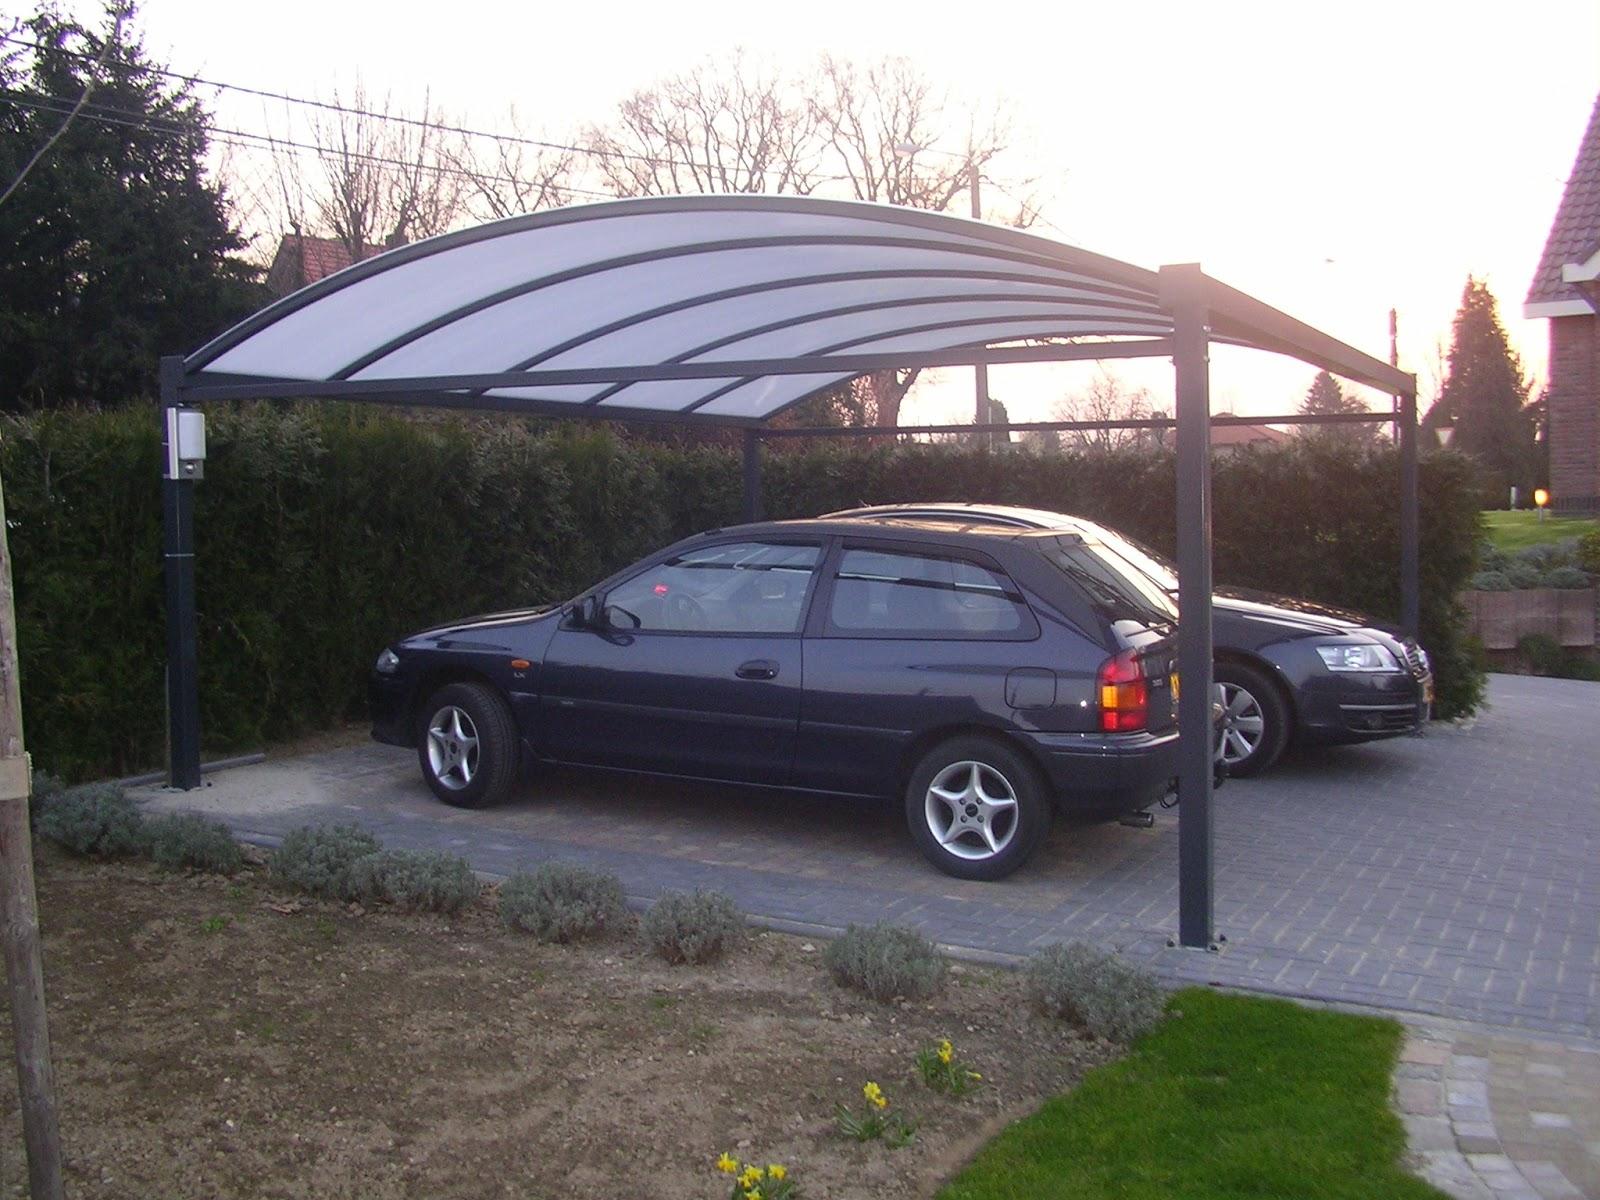 vanaf 1 december 2010 geldt er onder voorwaarden een vrijstelling van vergunning voor het optrekken van vrijstaande bijgebouwen carport hobbyserre